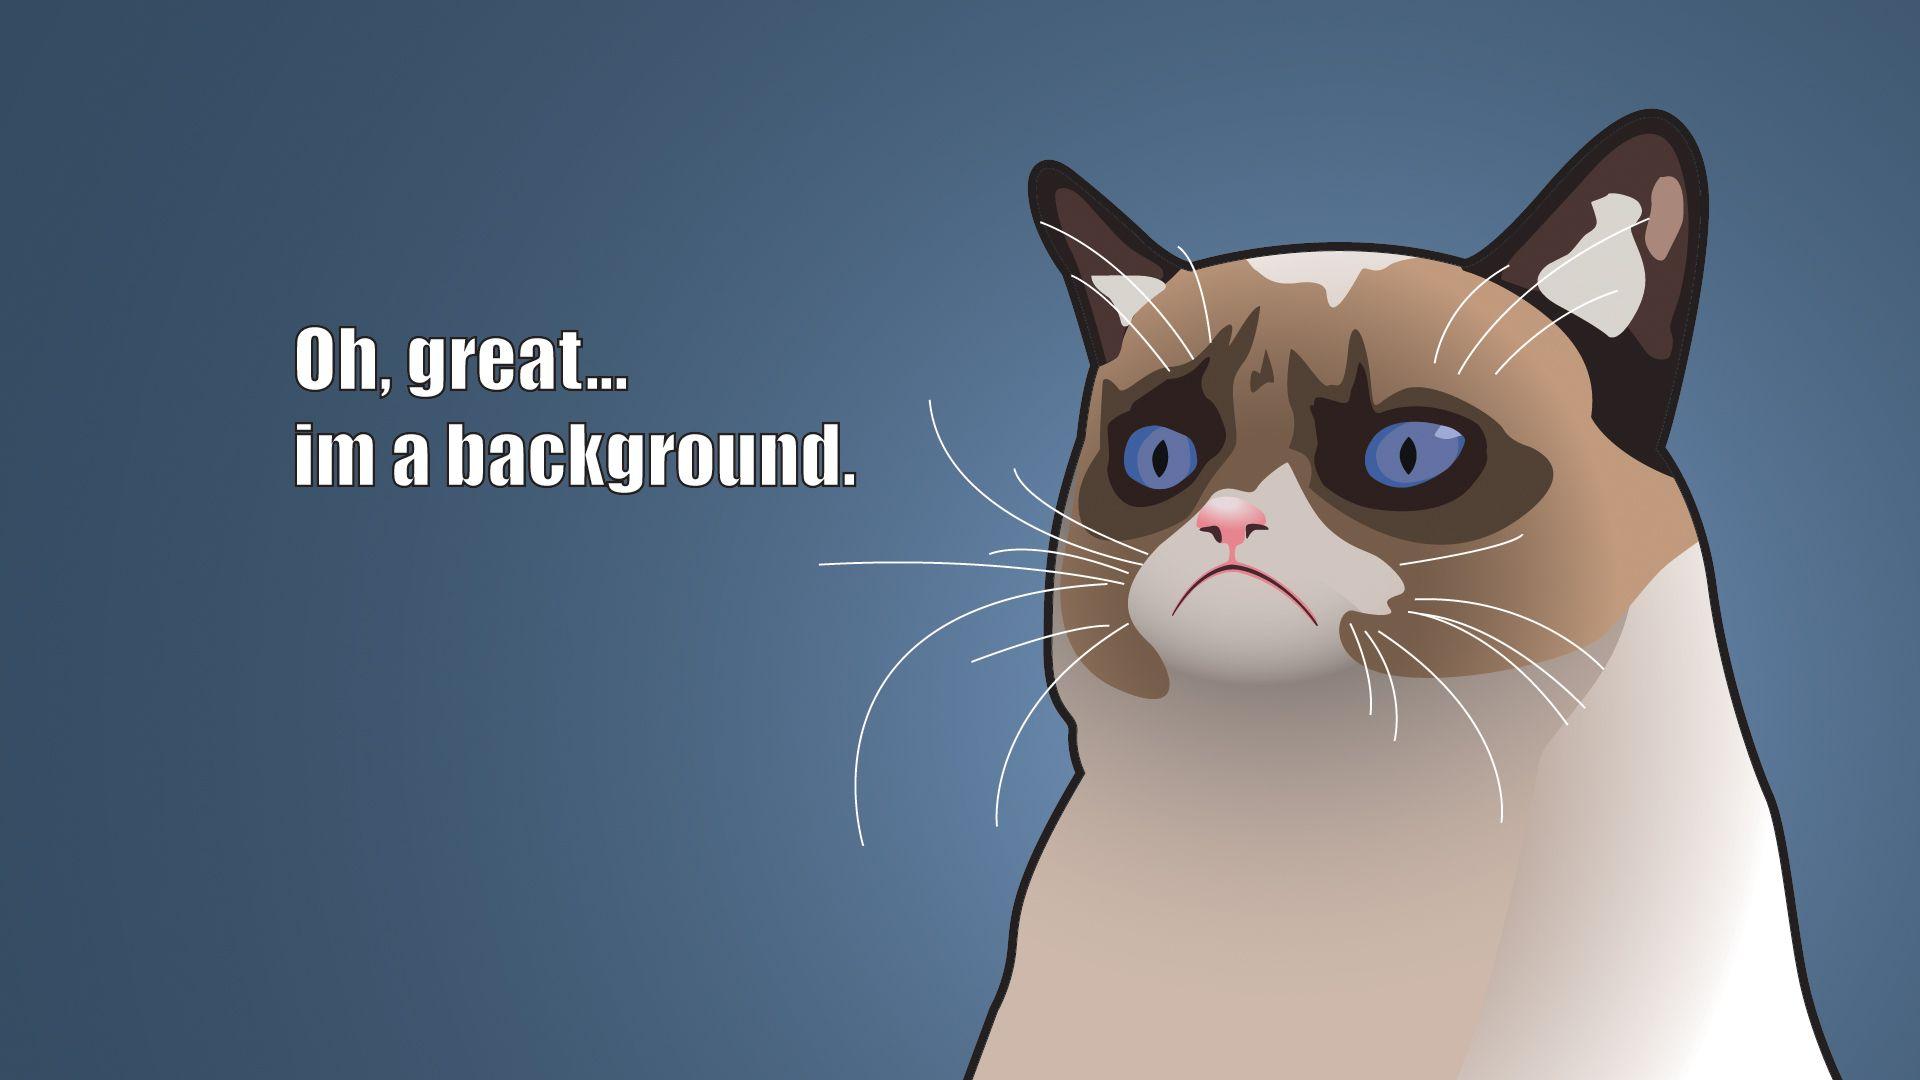 Grumpy Cat Wallpaper Grumpy Cat Meme Grumpy Cat Cartoon Grumpy Cat Humor